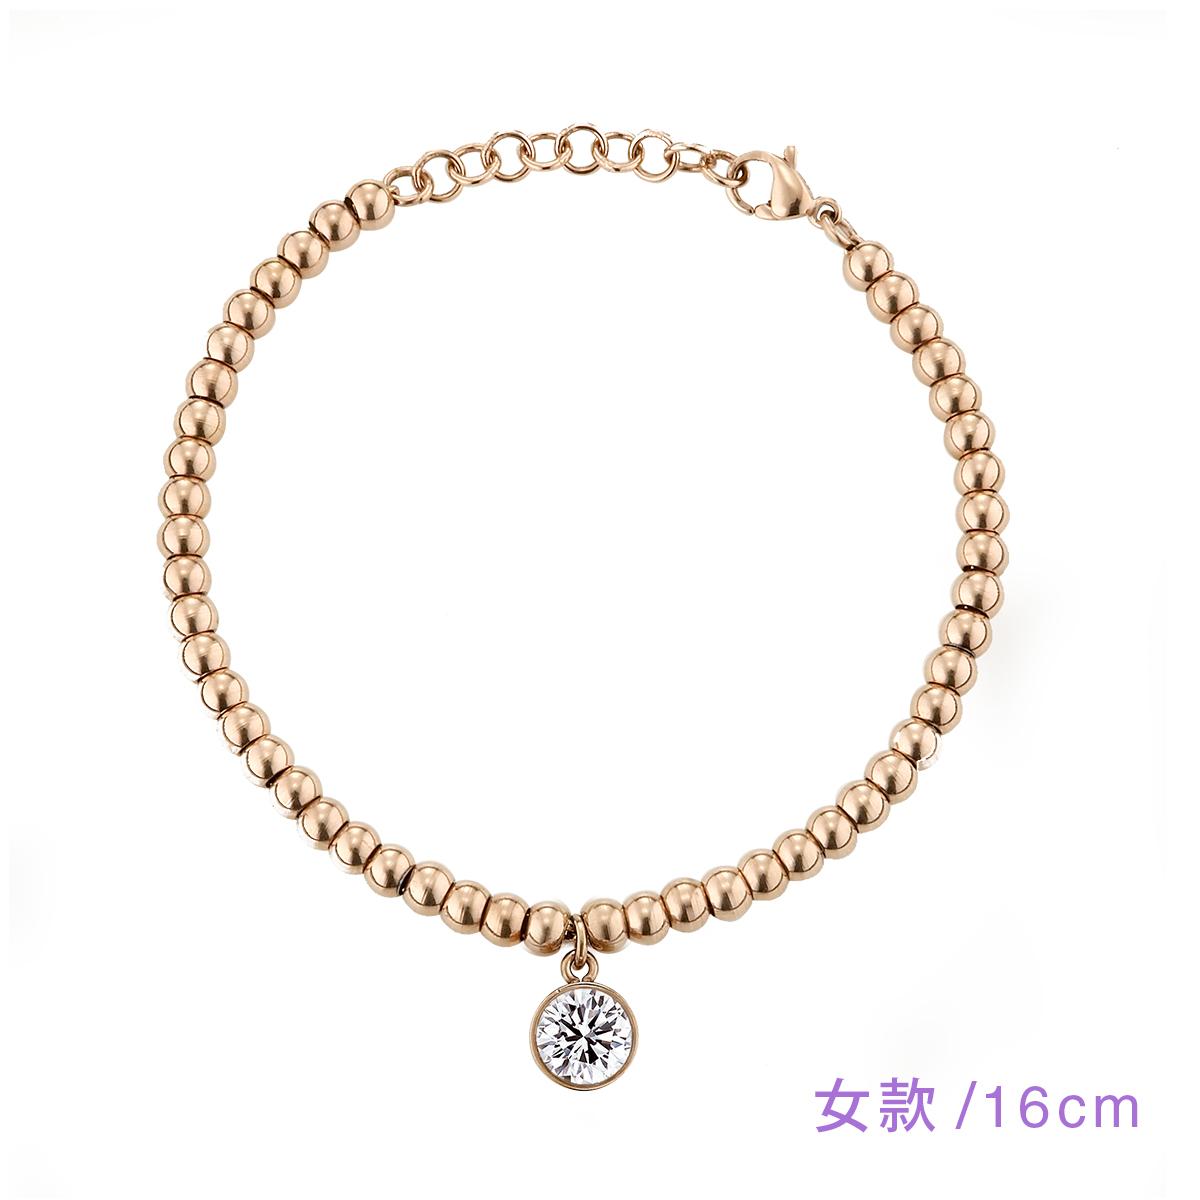 CX203 點滴意象-魅力單鑽串珠手鍊